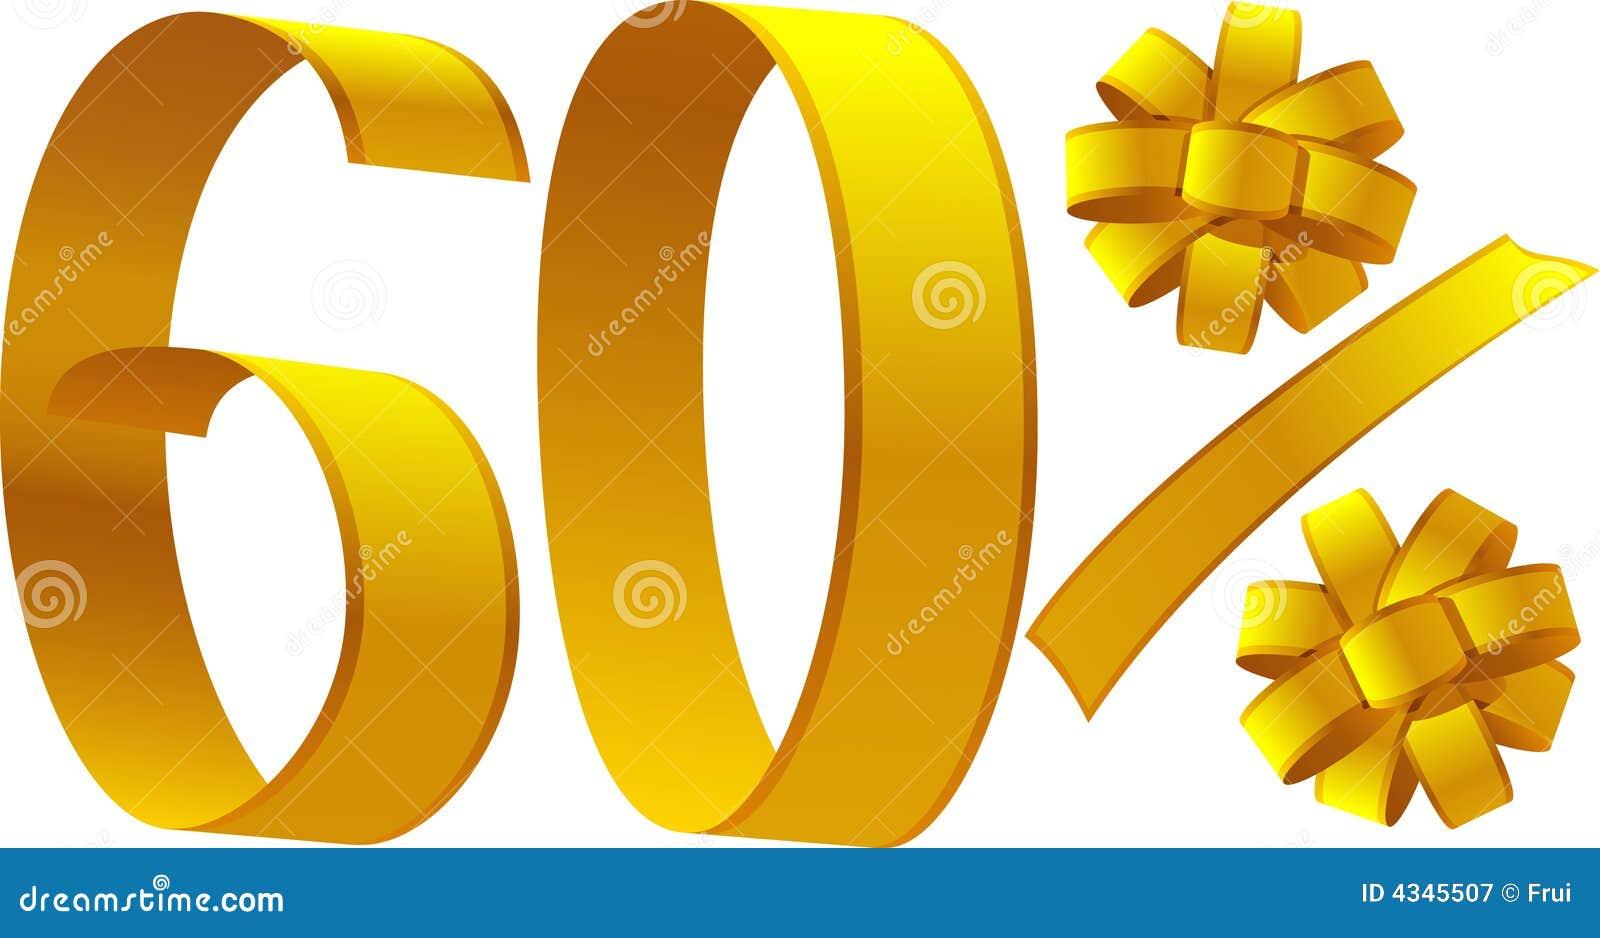 Discount - 60 percent